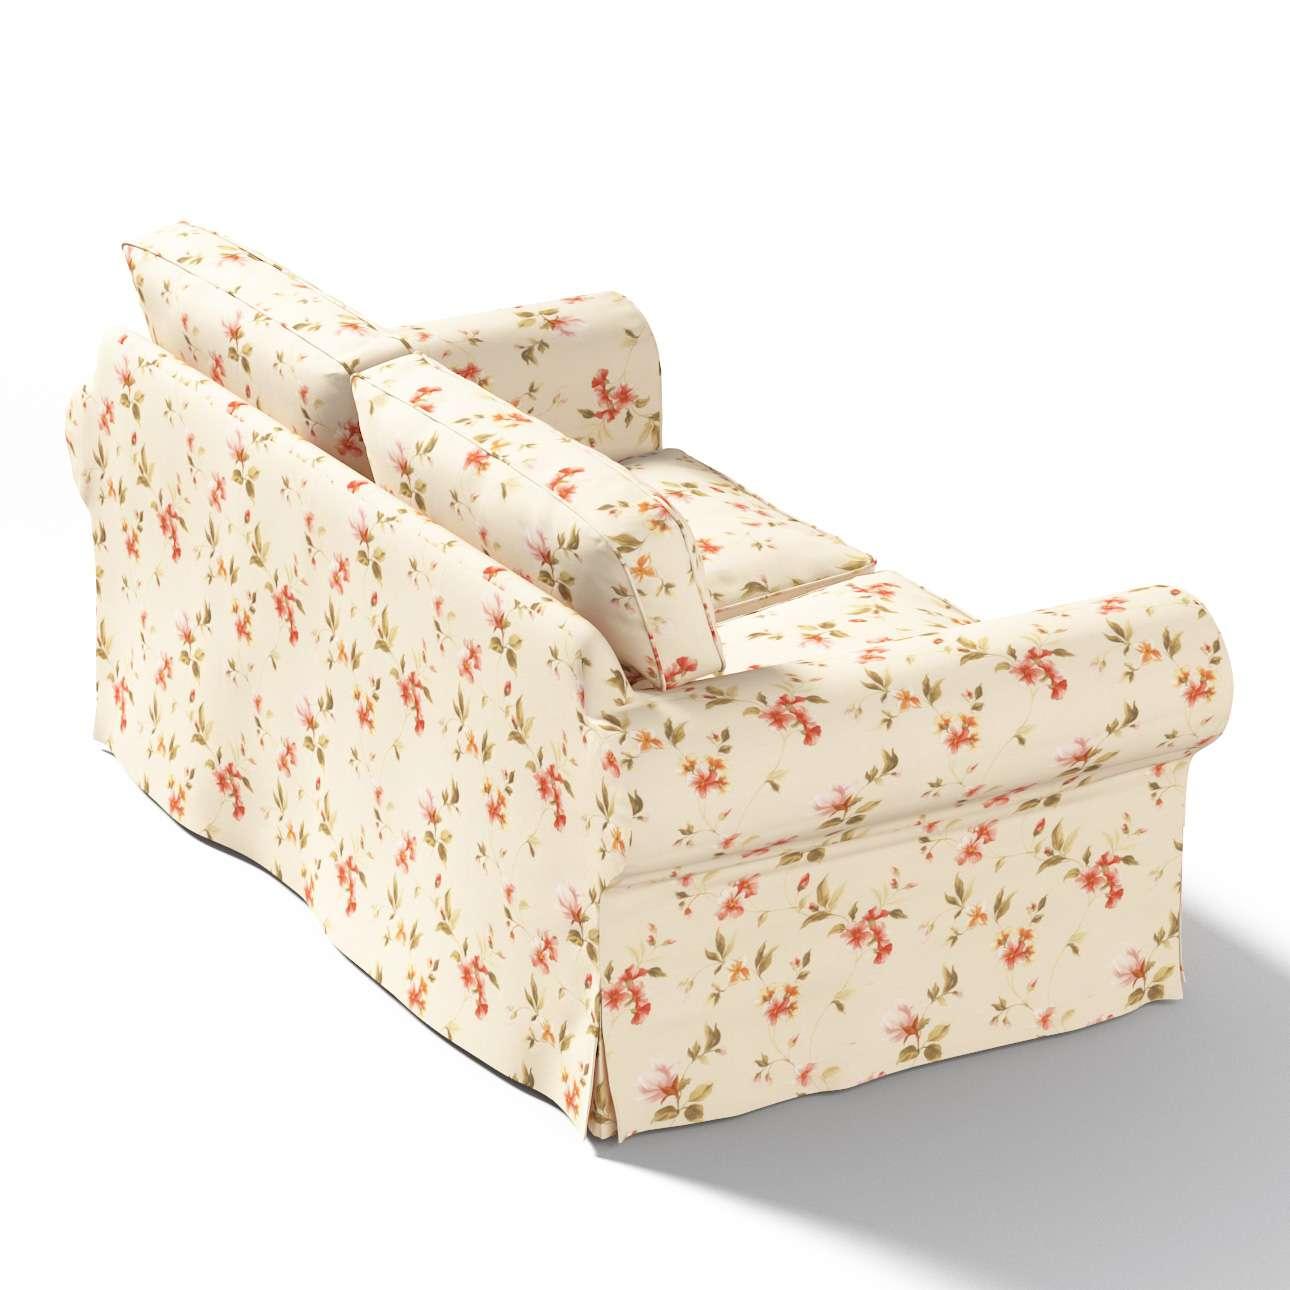 Ektorp dvivietės sofos užvalkalas Ektorp dvivietės sofos užvalkalas kolekcijoje Londres, audinys: 124-05